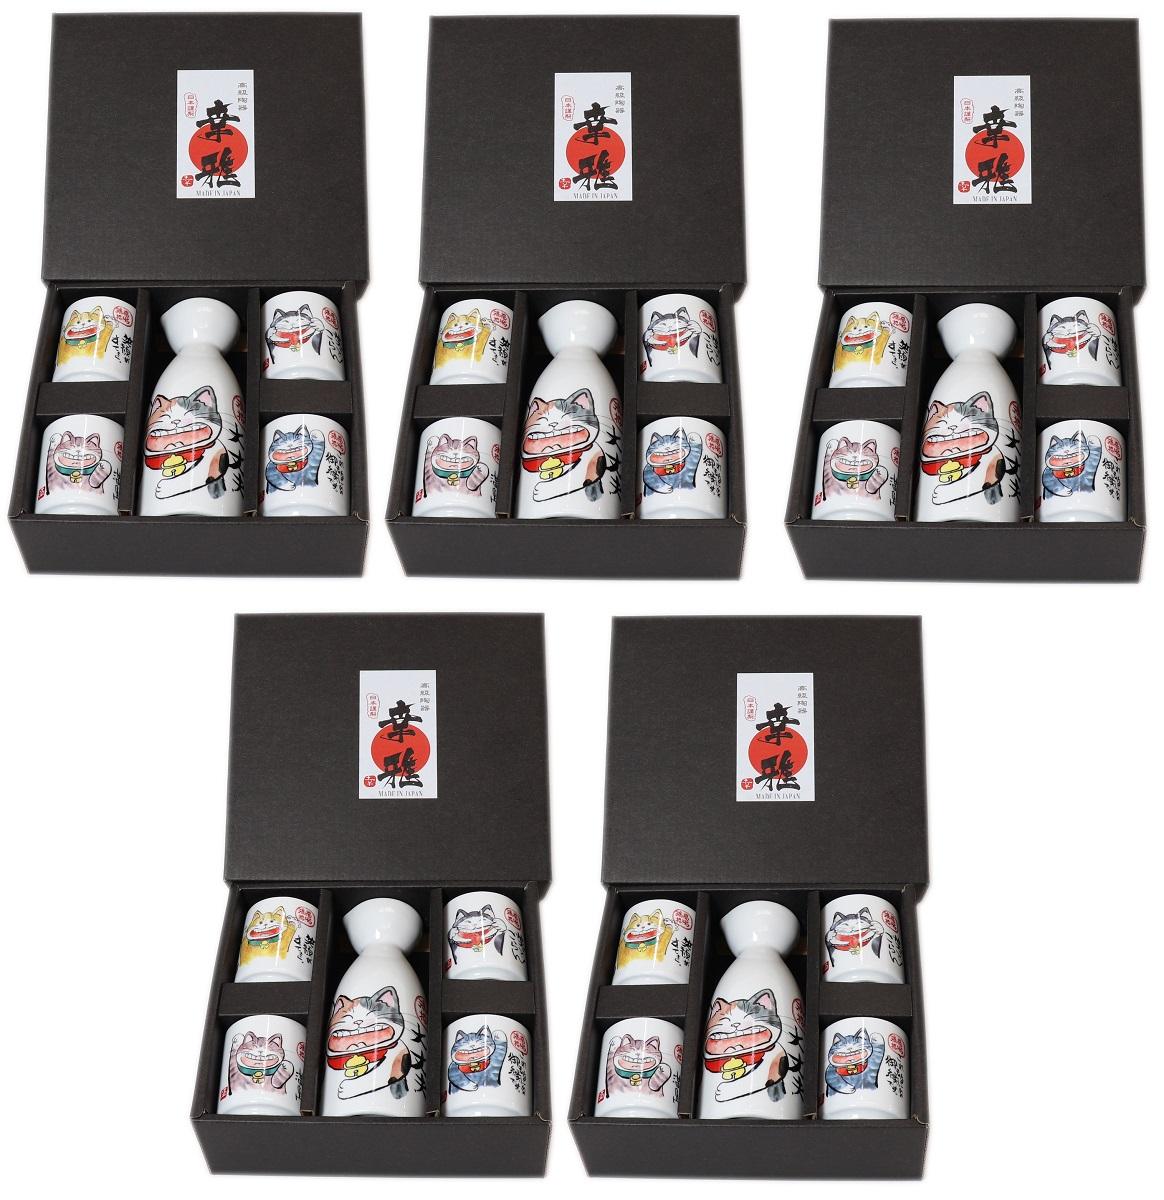 5個セット☆ 日本土産 ☆ 満福招き猫1:4酒器セット [ 徳利160cc・ぐい呑み45 x 55mm ] 【お土産 和物 浮世絵 贈り物 】